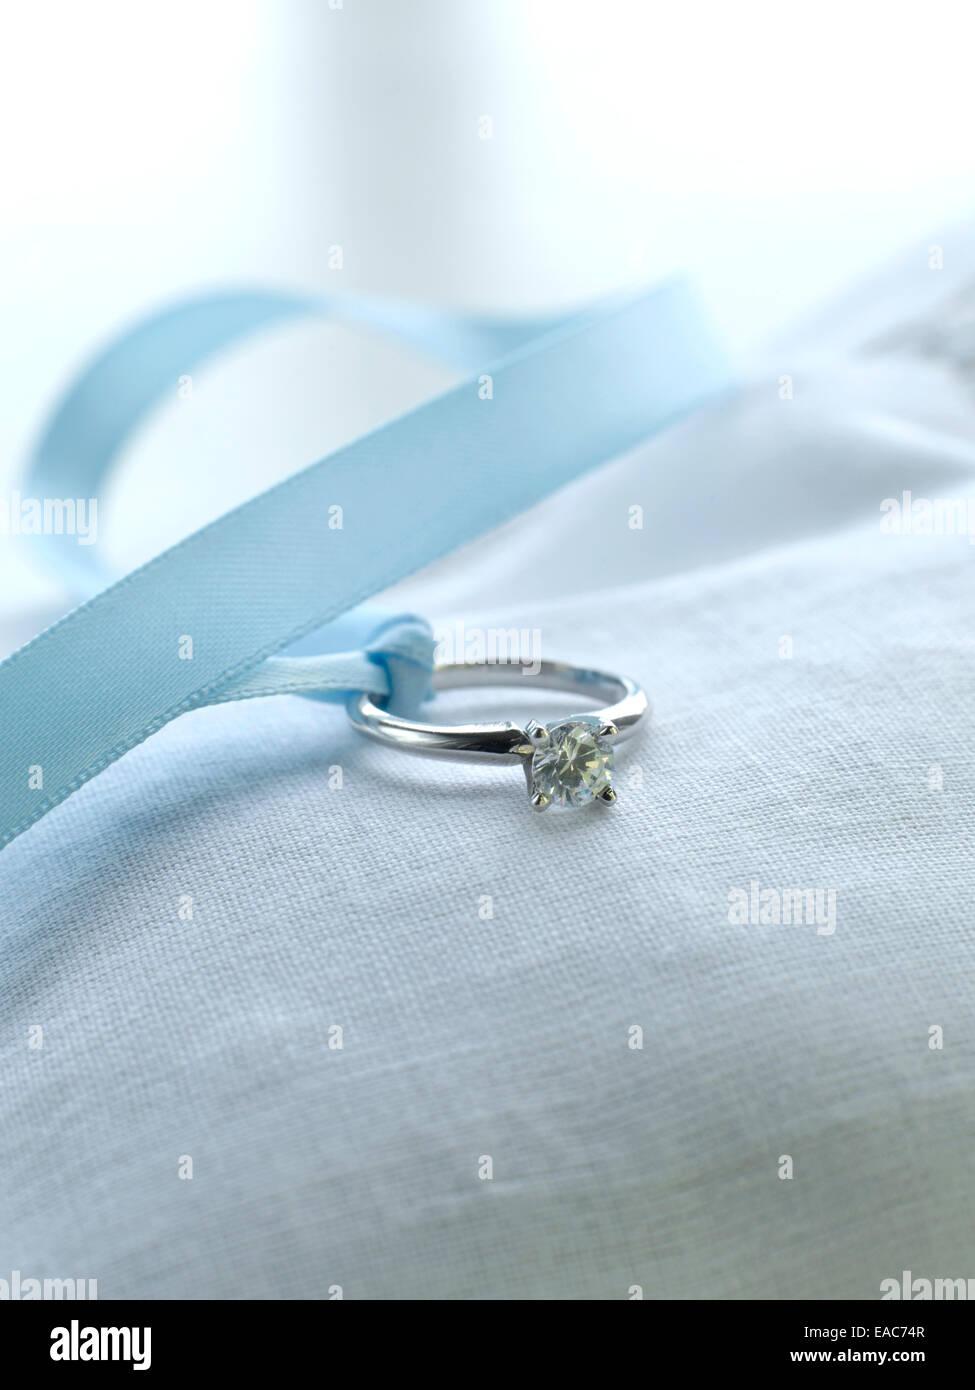 Diamant Ehering mit Seidenband auf Kissen Hochzeit schwört Gold Silber Stockbild